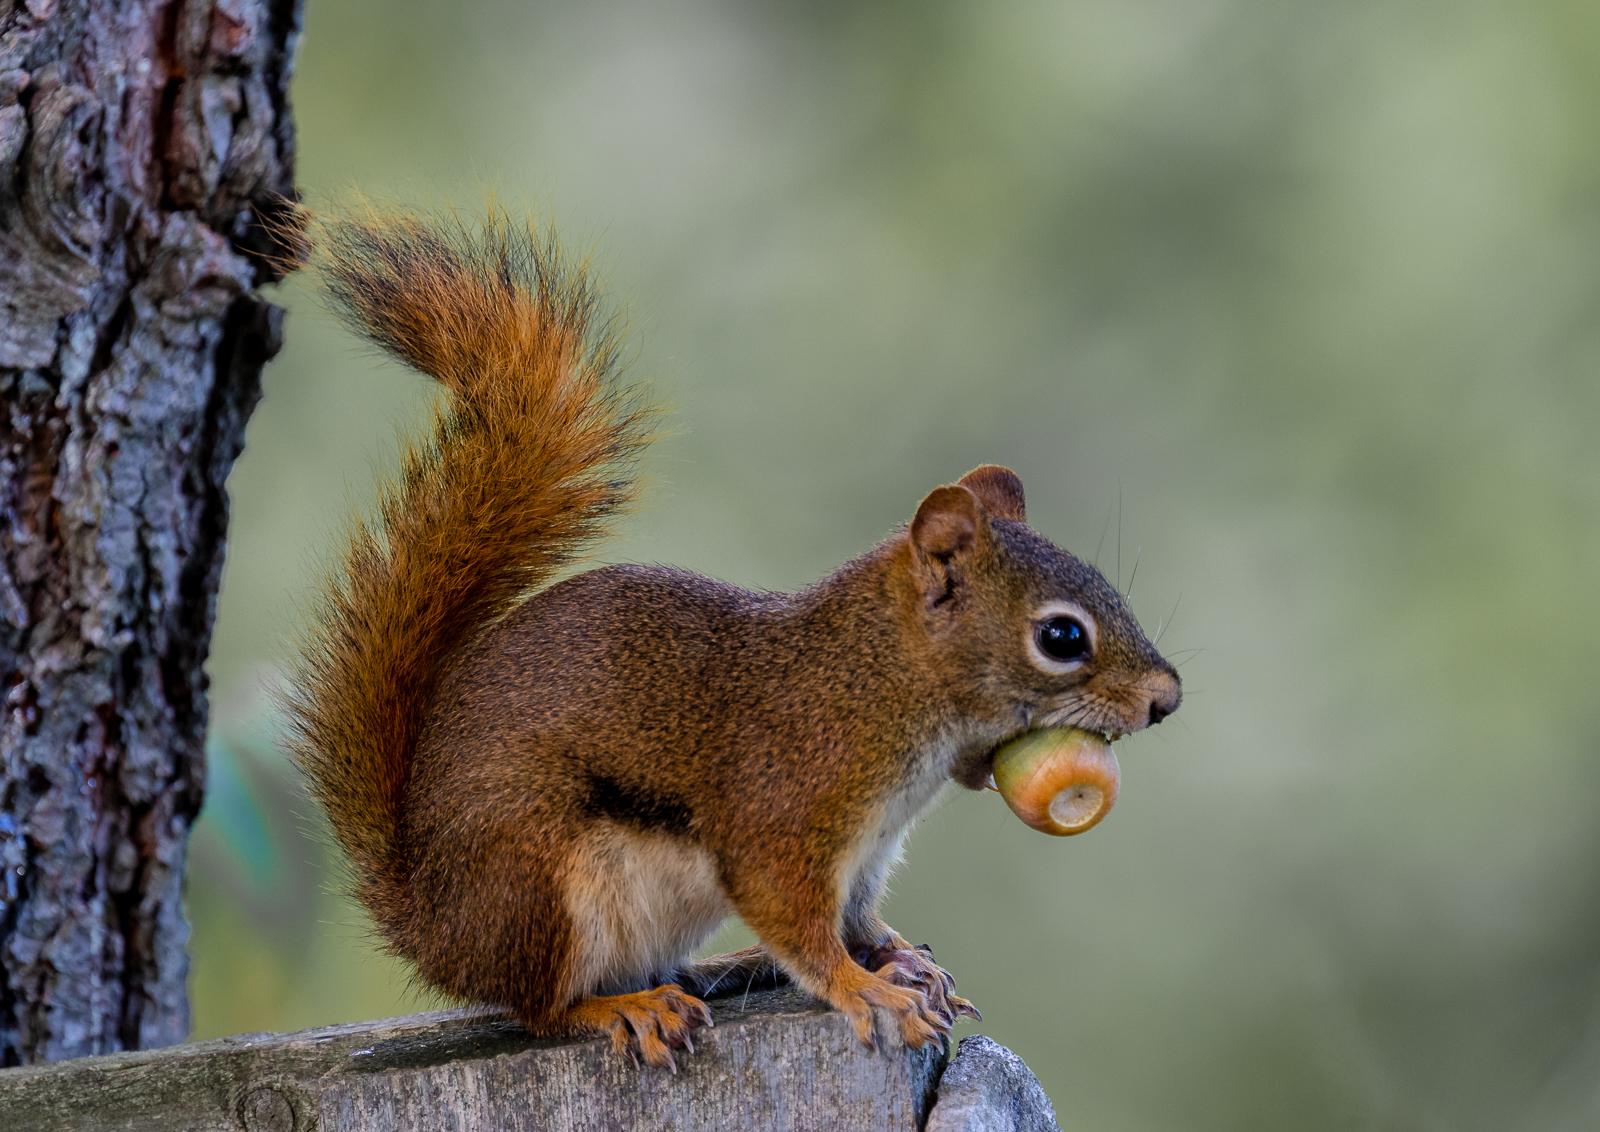 340 Posing with nut pdi.jpg